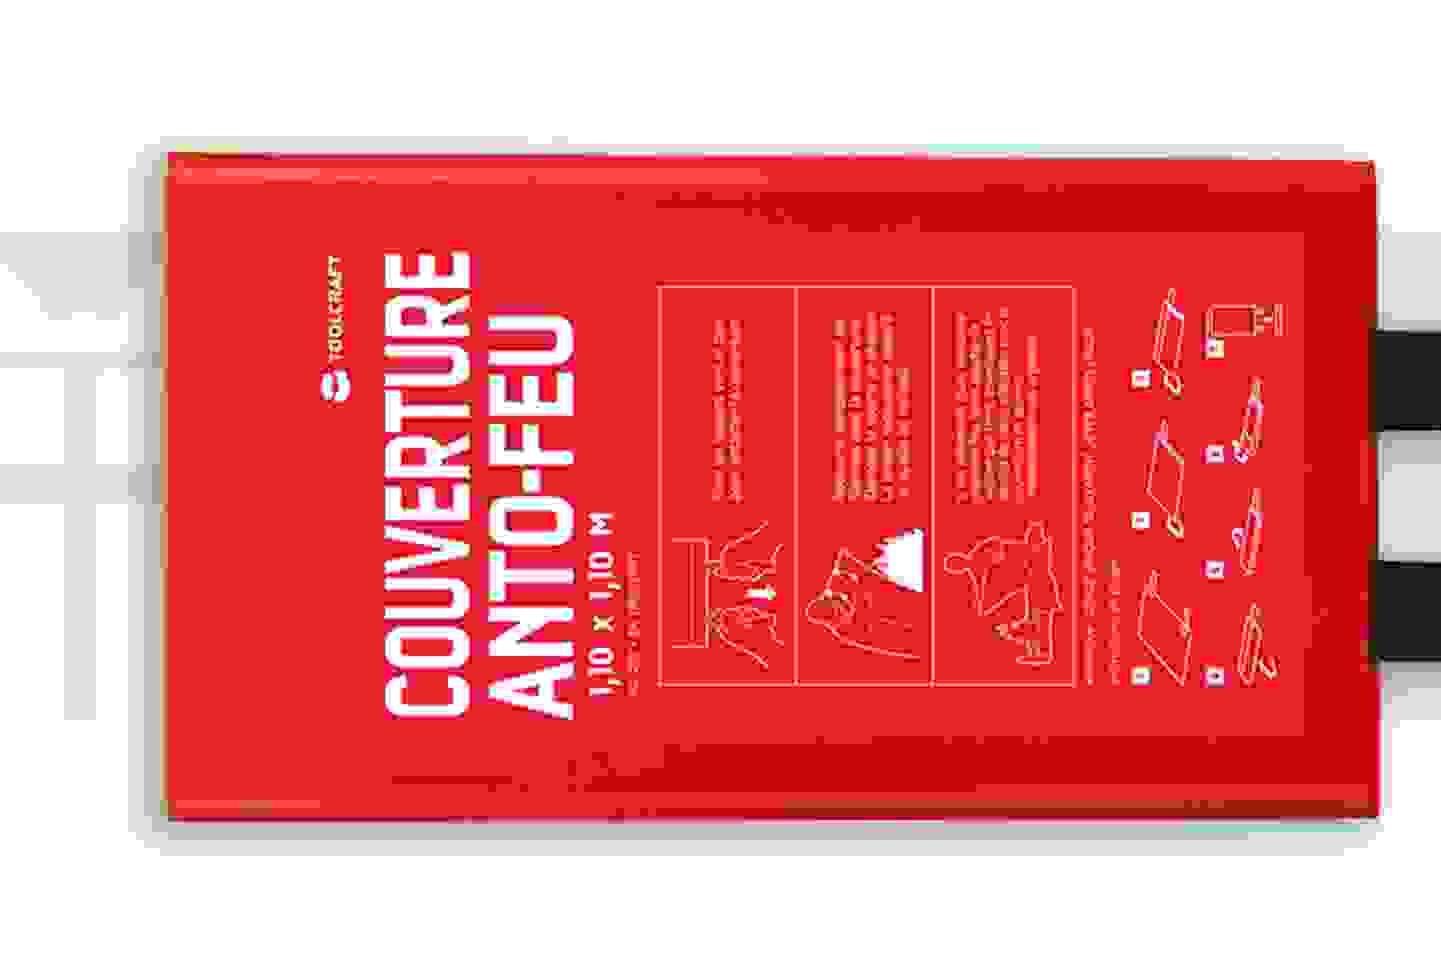 Toolcraft - Couverture anti-feu avec boîte de montage »